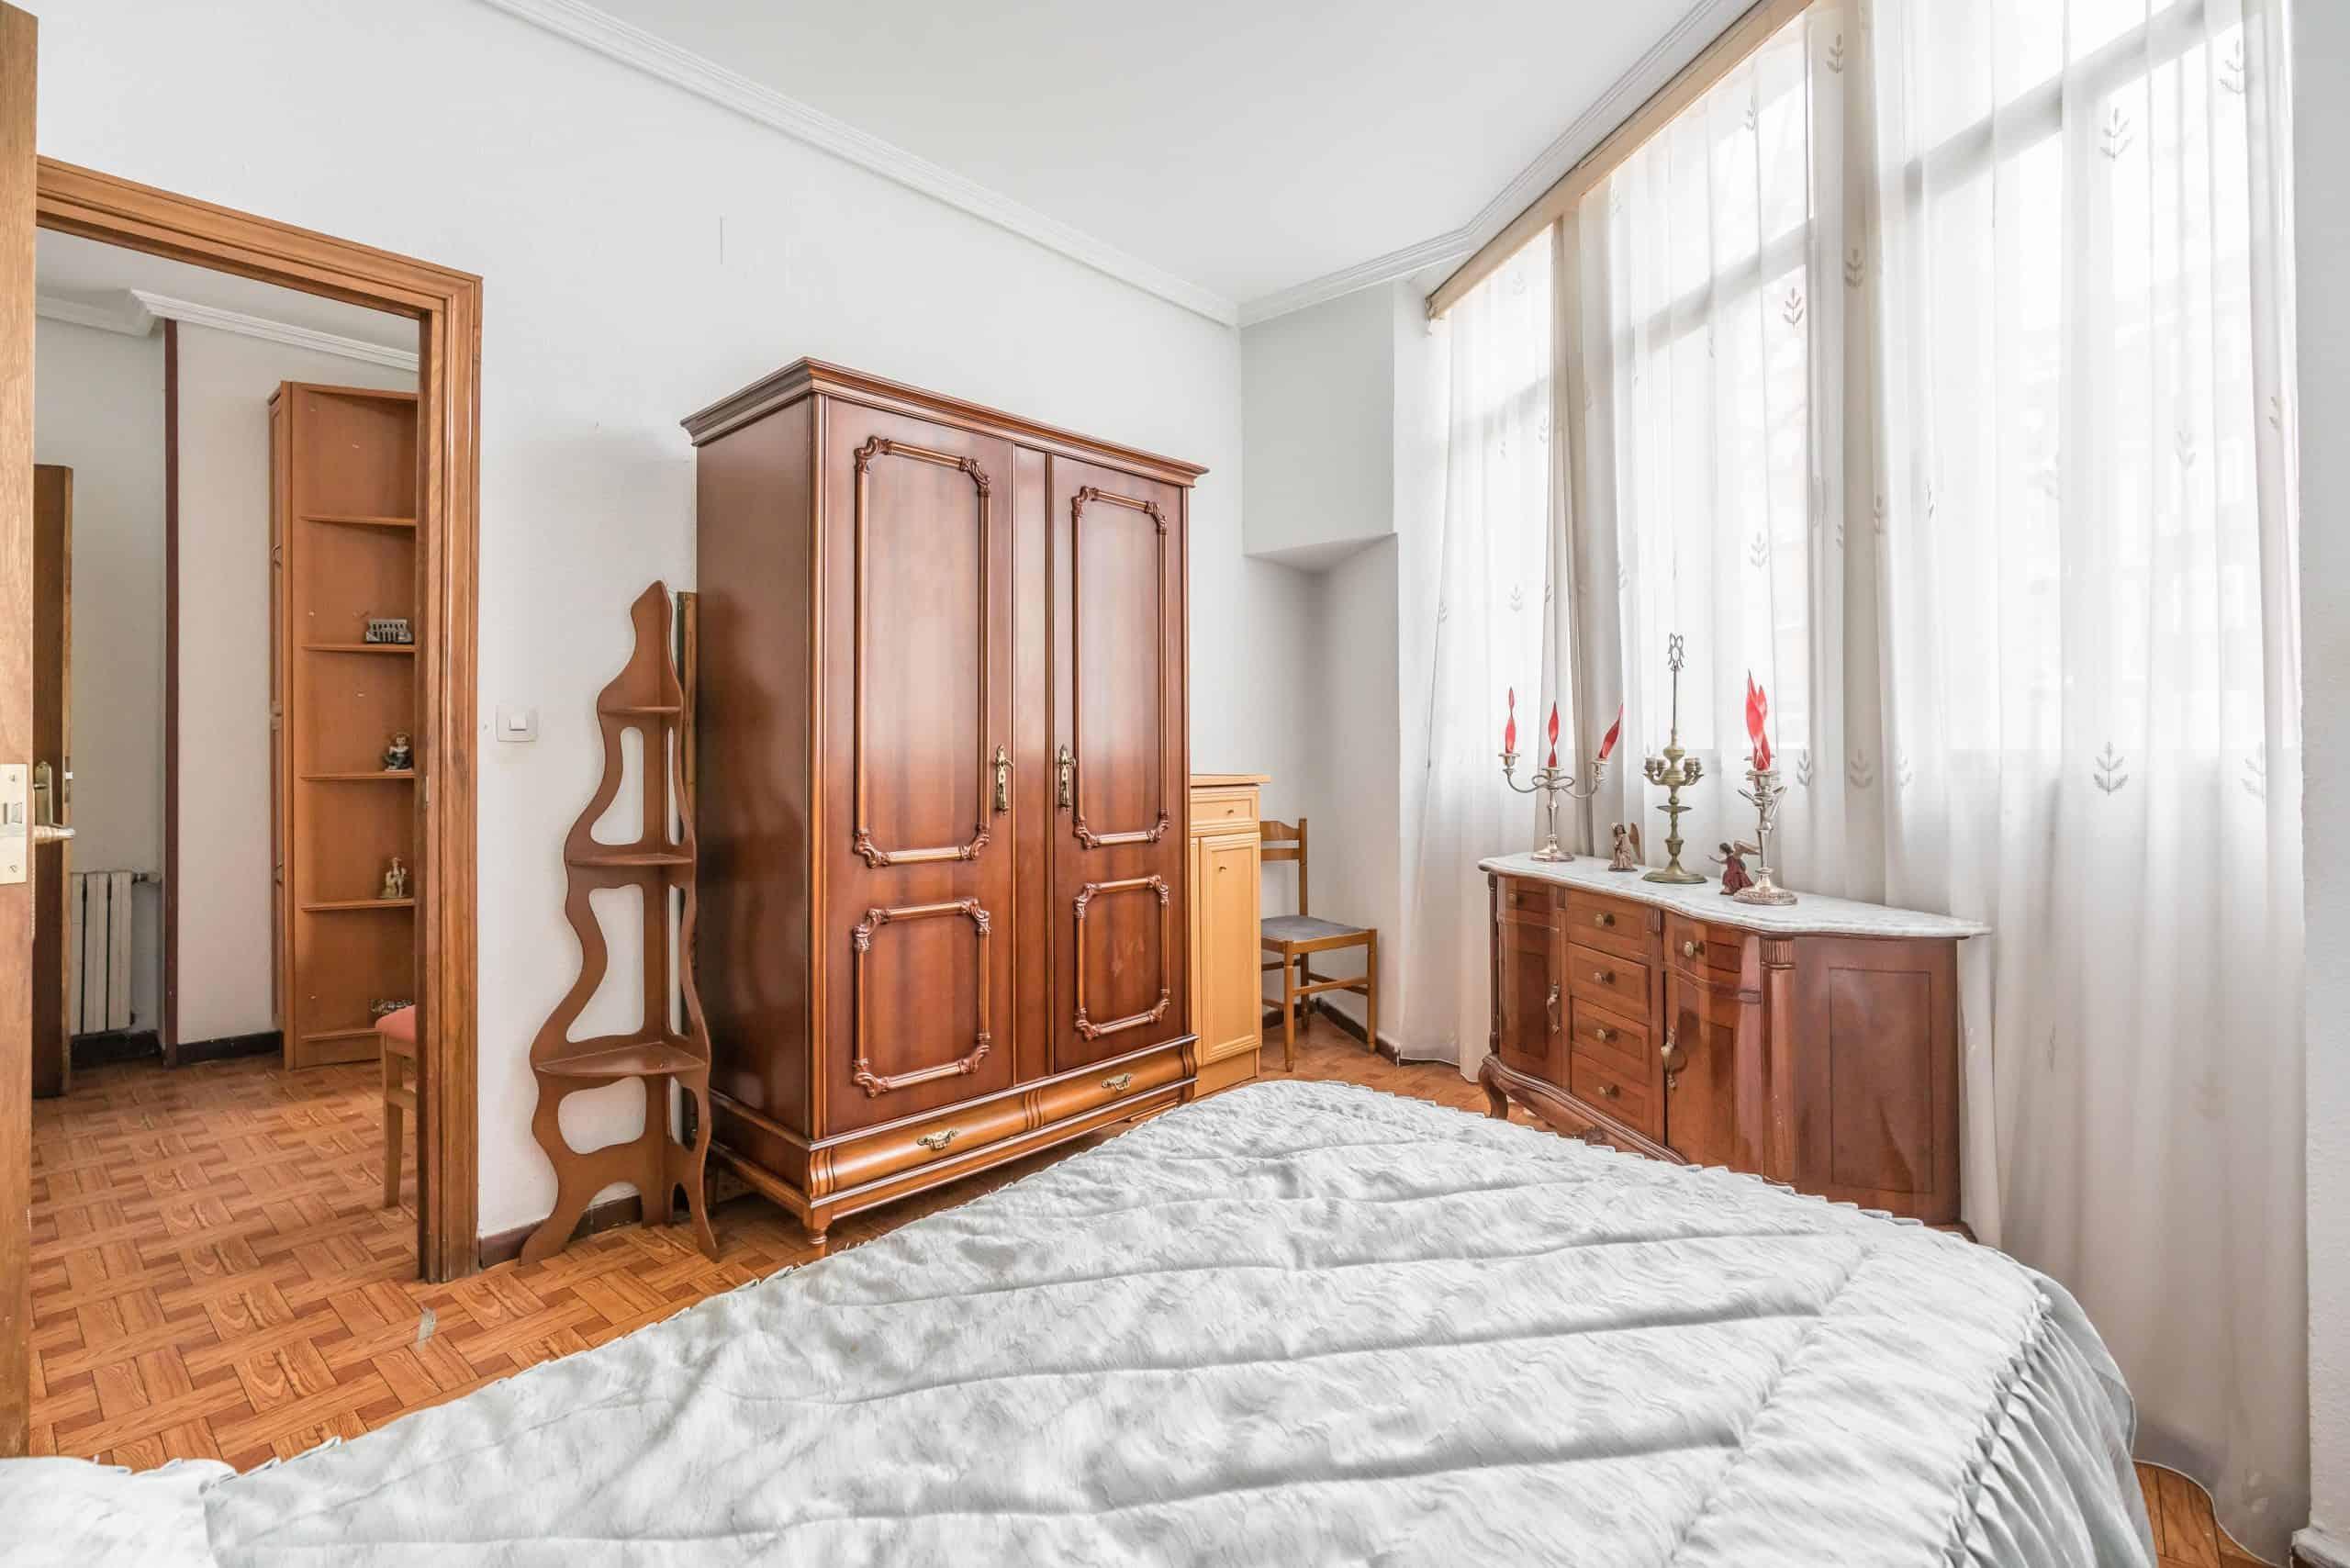 Agencia Inmobiliaria de Madrid-FUTUROCASA-Zona ARGANZUELA-LEGAZPI -calle Jaime Conquistador 27- Habitación 2